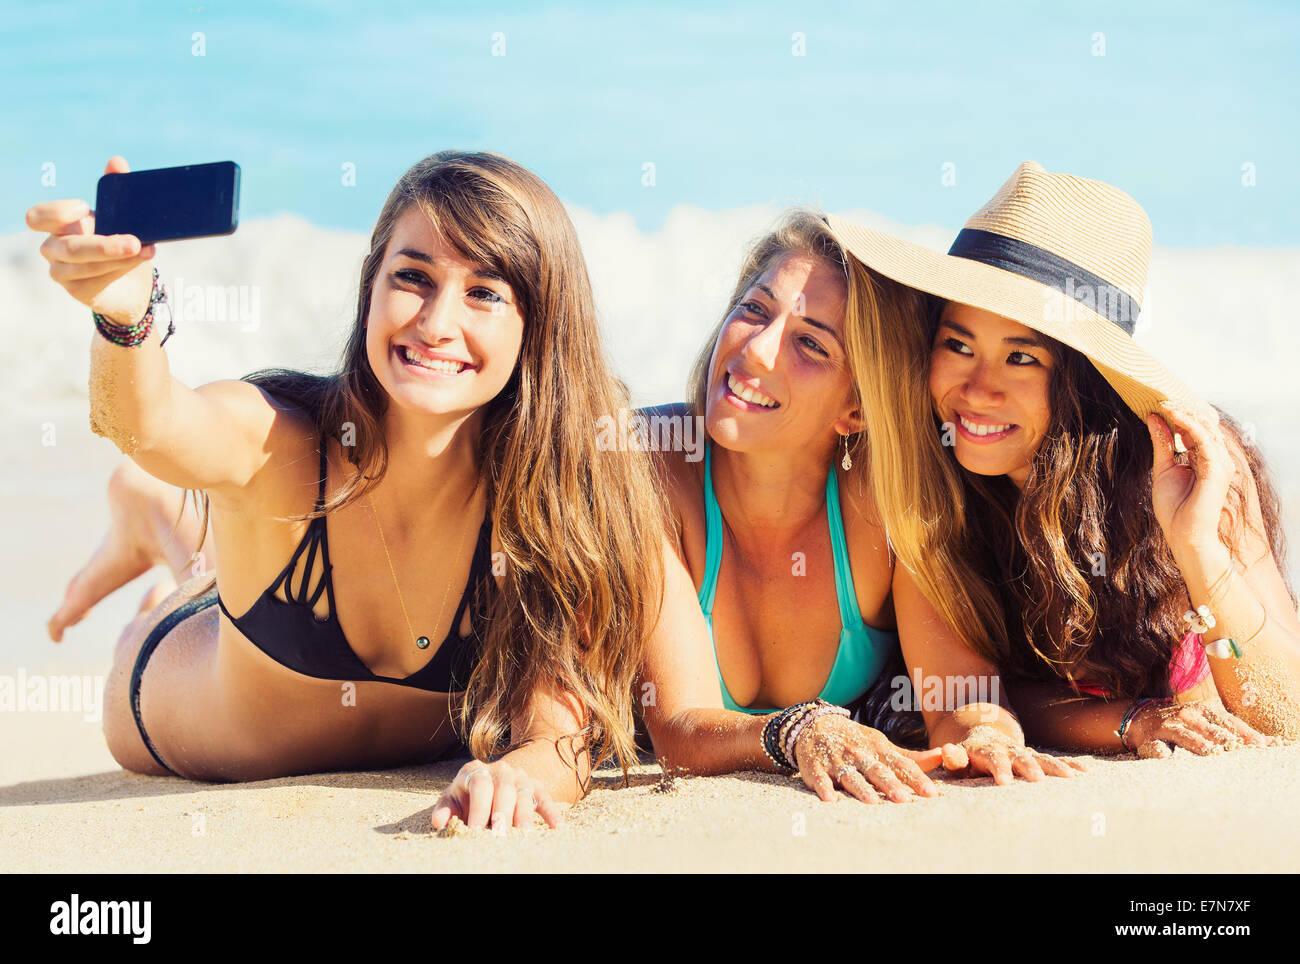 Le ragazze per divertirsi in spiaggia prendendo autoritratto con smart phone. Divertimento estivo stile di vita. Immagini Stock